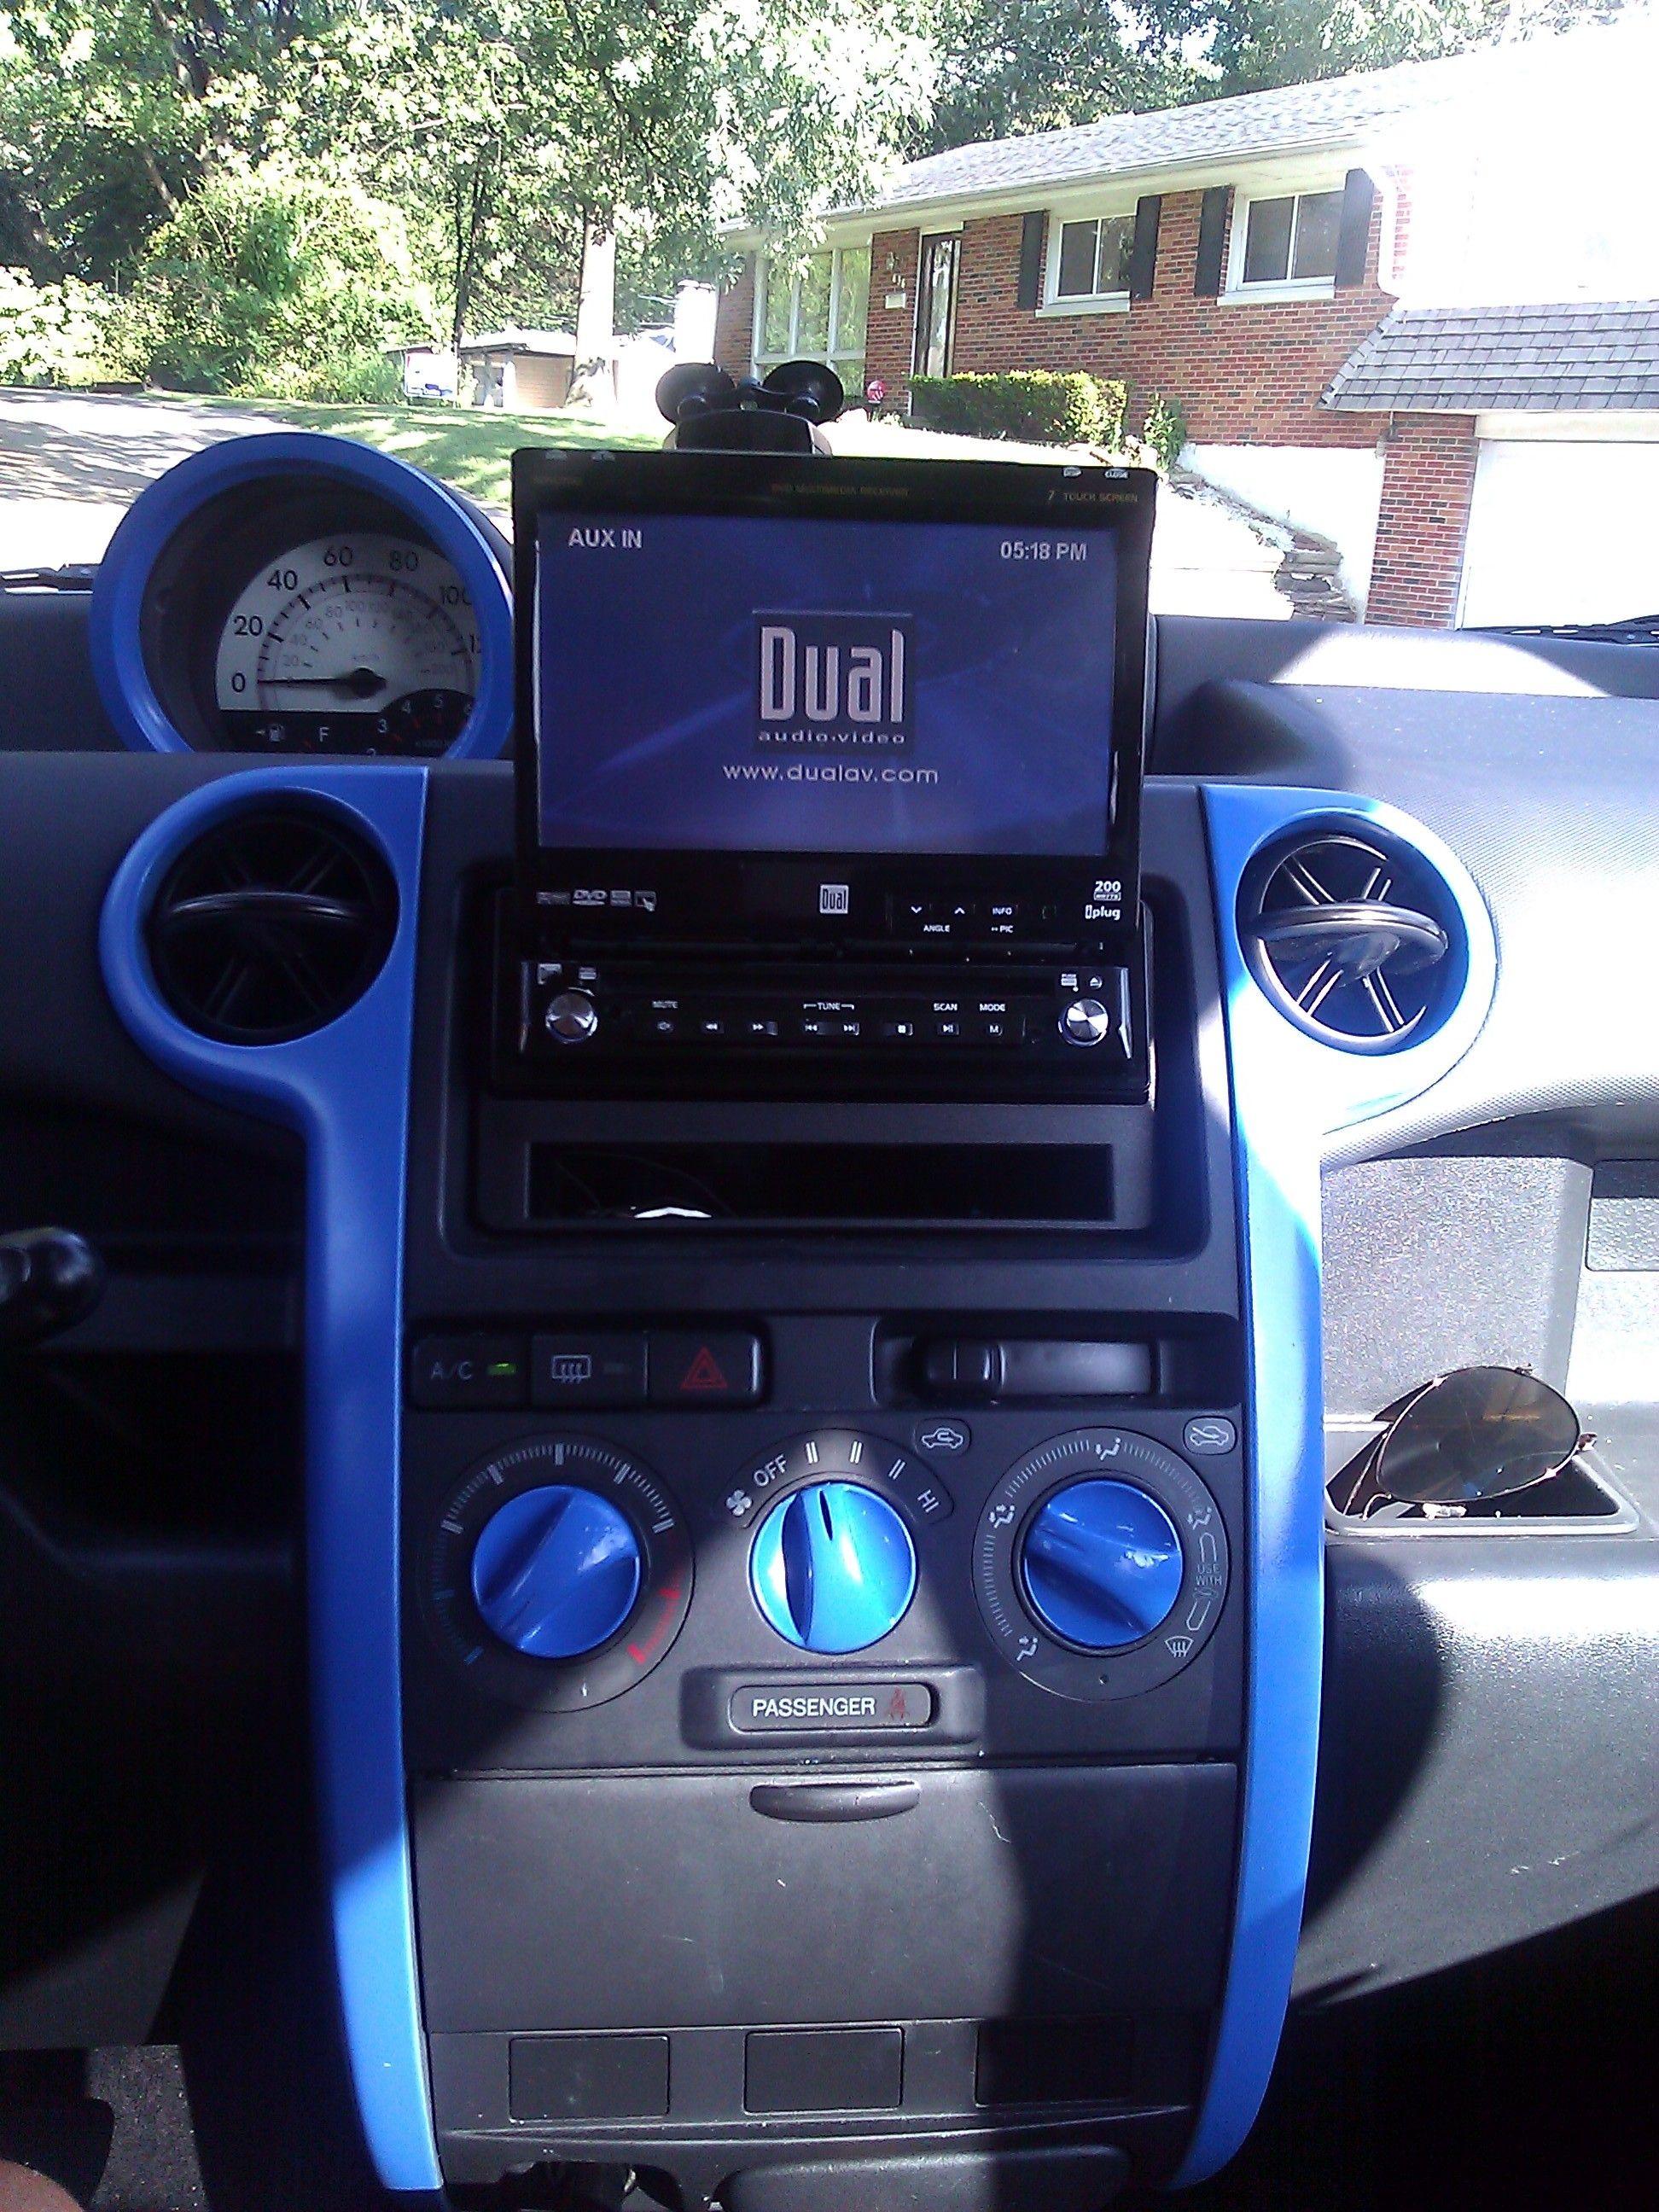 Scion Xb Dash After Scion Xb Toyota Scion Xb Scion